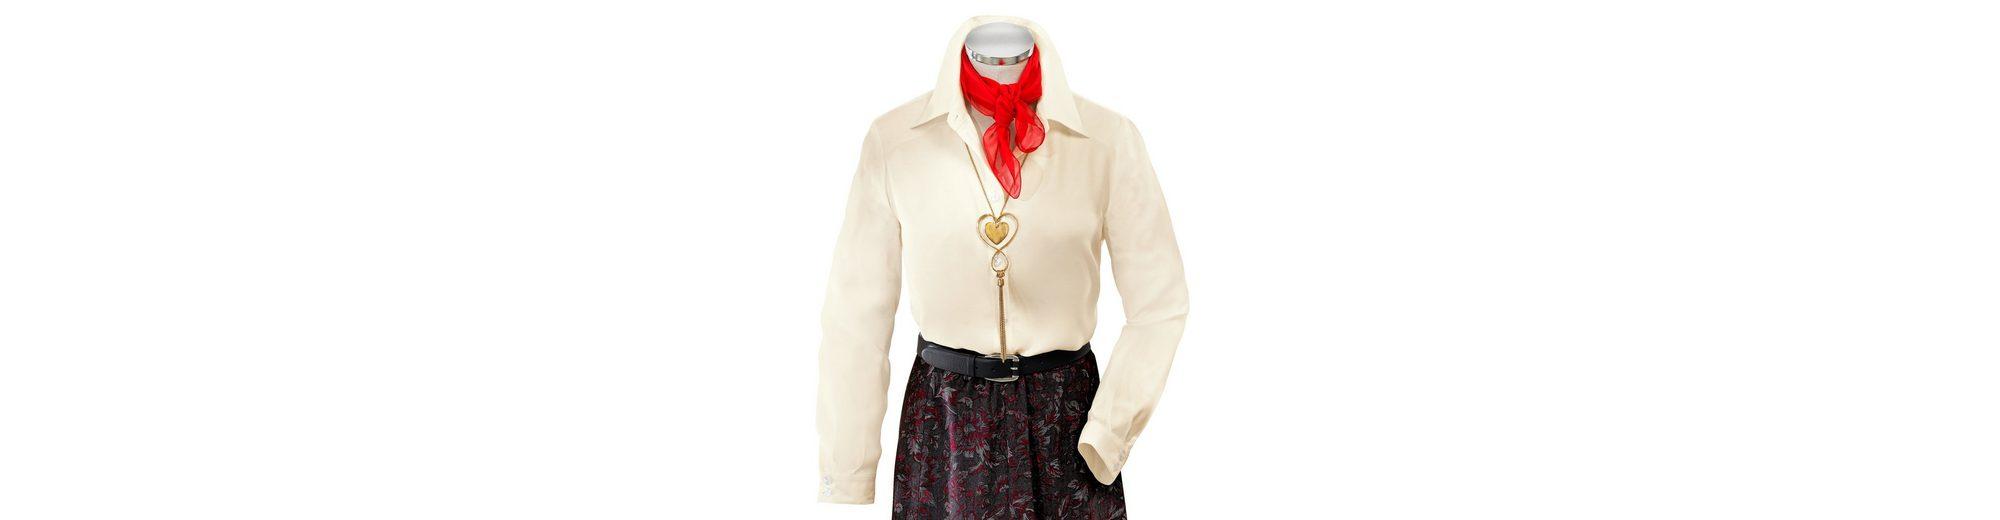 Mona Bluse aus reiner Viskose Wählen Sie Einen Besten Günstigen Preis tx4uBL63